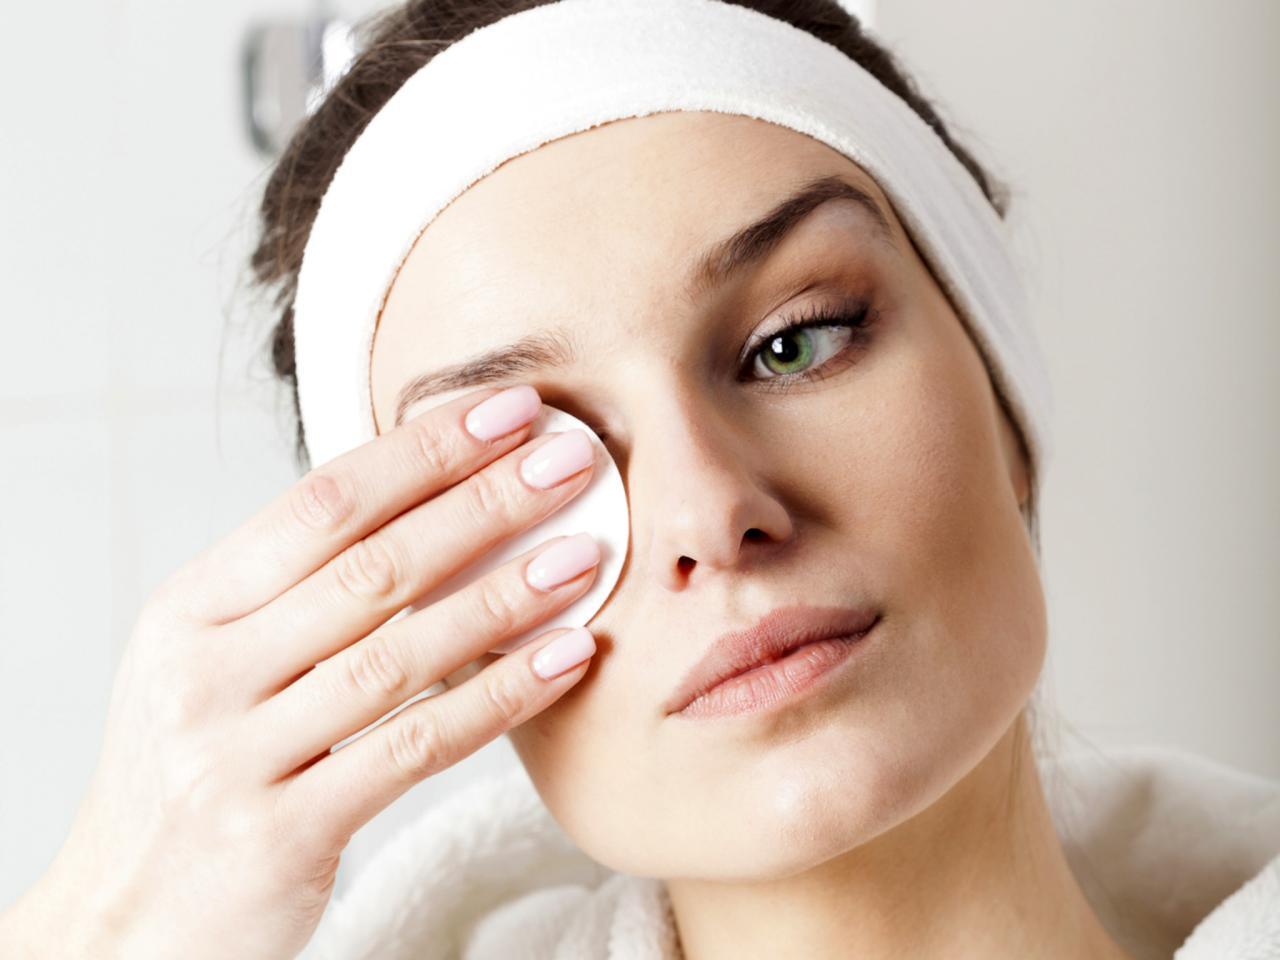 makeup-removerjpgrend_tccom_1280960_1